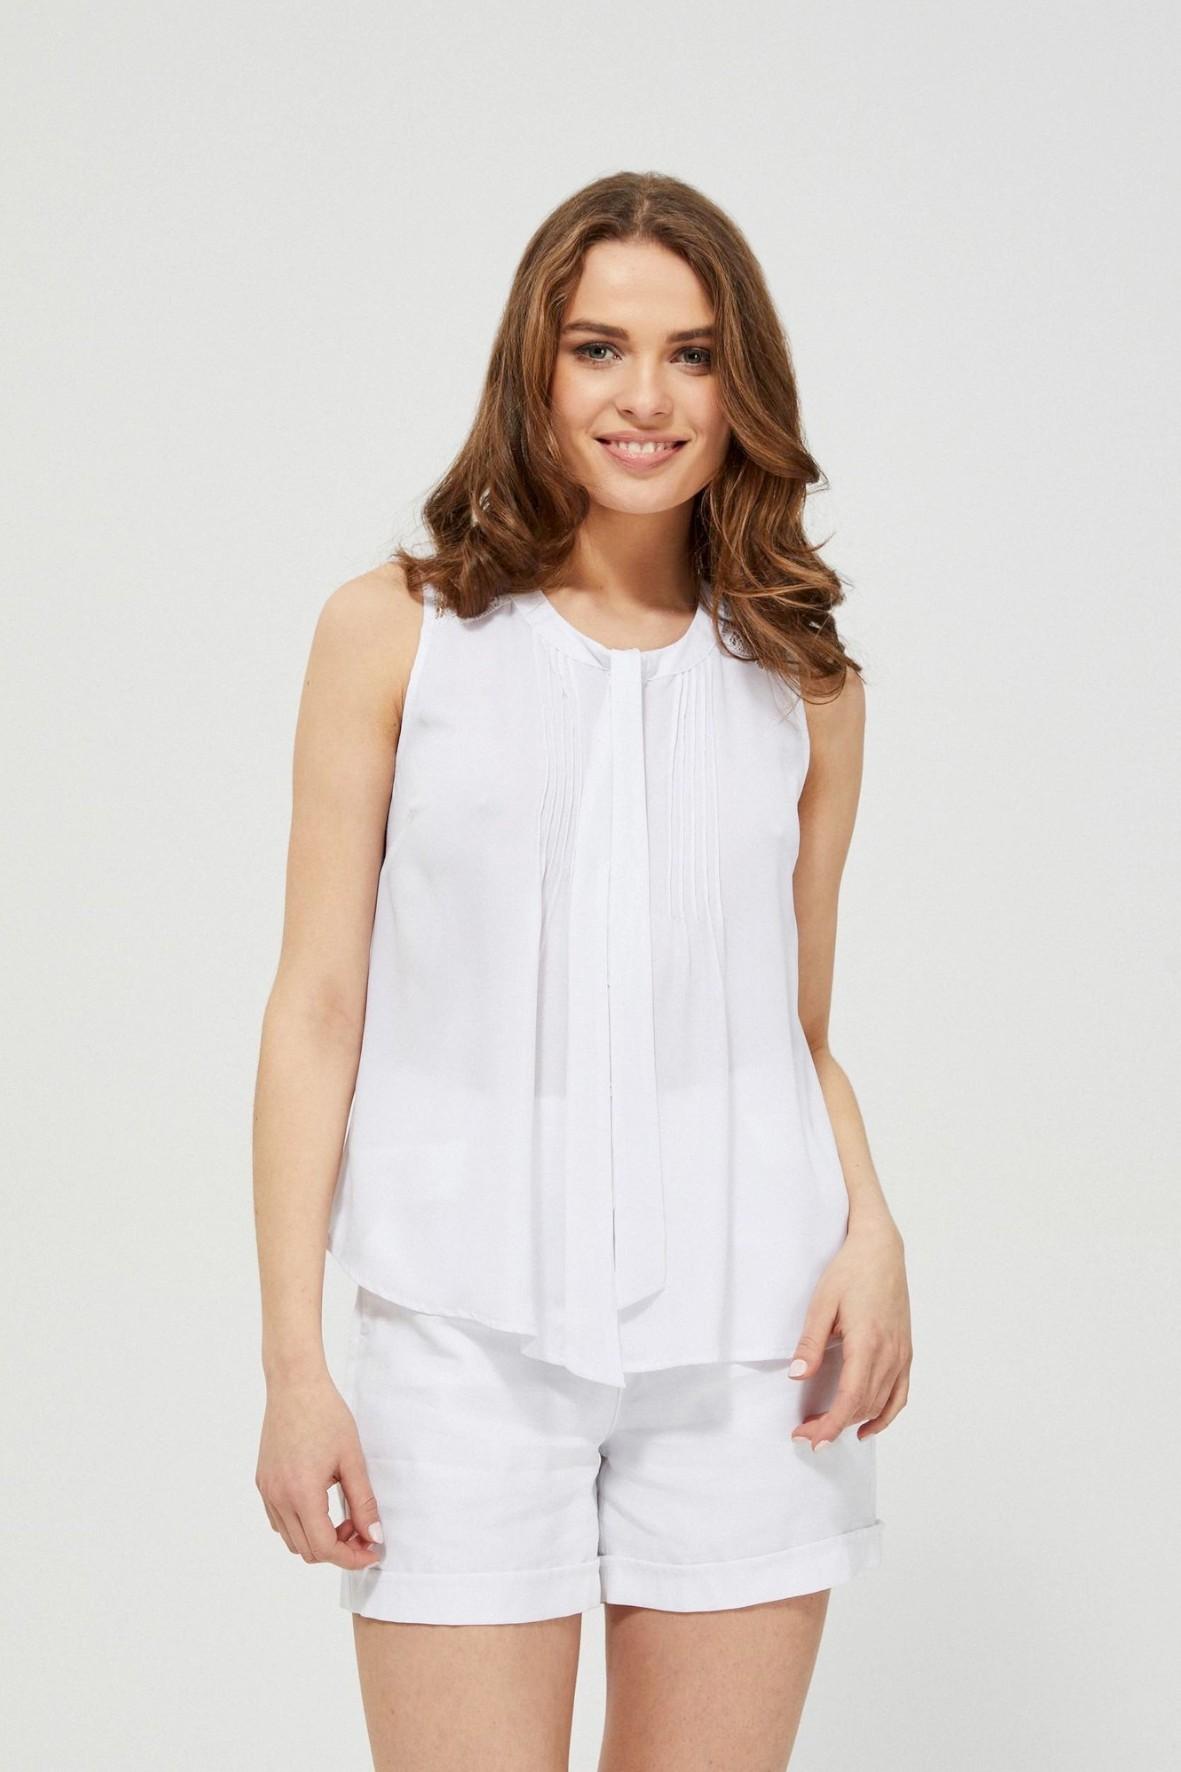 Koszula damska koszulowa bez rękawów z ozdobnym wiązaniem biała